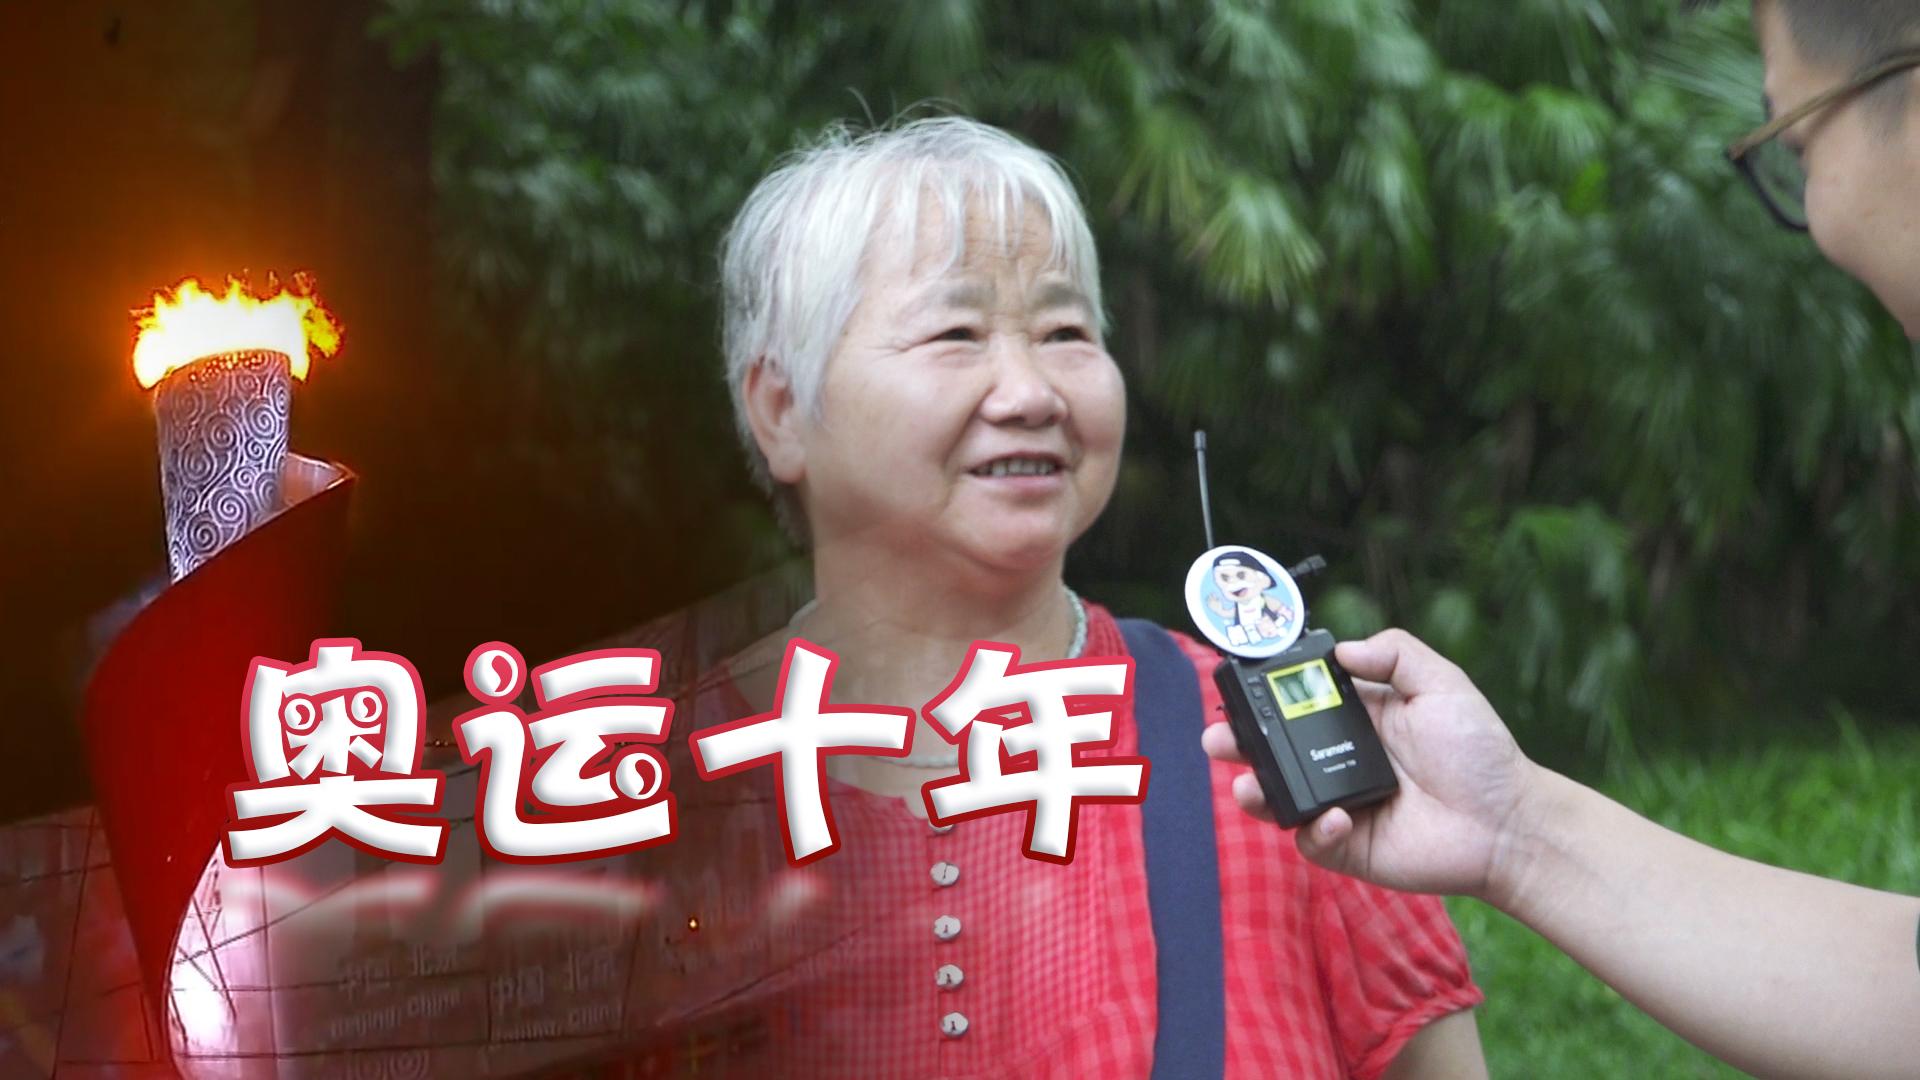 北京奥运10年,你印象最深的画面是什么?看完泪目了!